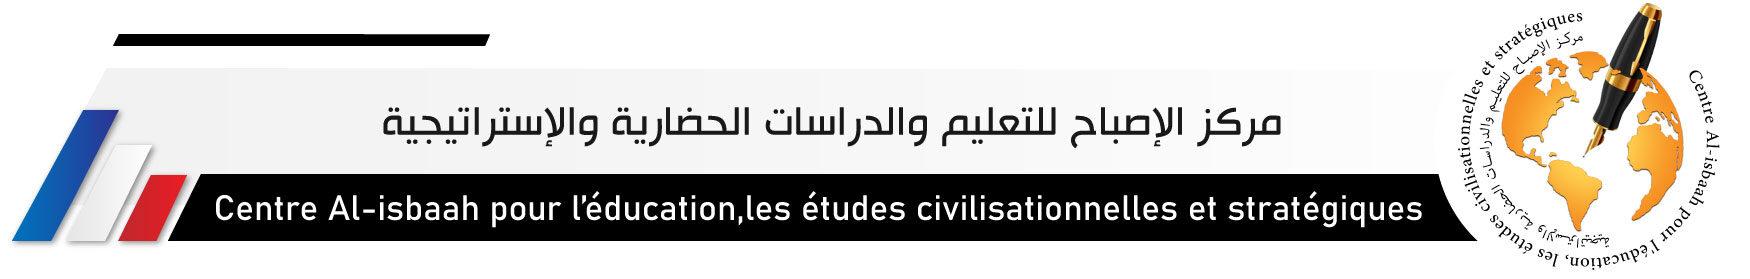 مركز الإصباح للتعليم والدراسات الحضارية والإستراتيجية Centre AL-ISBAAH pour l'éducation ,les études civilisationnelles et stratégiques